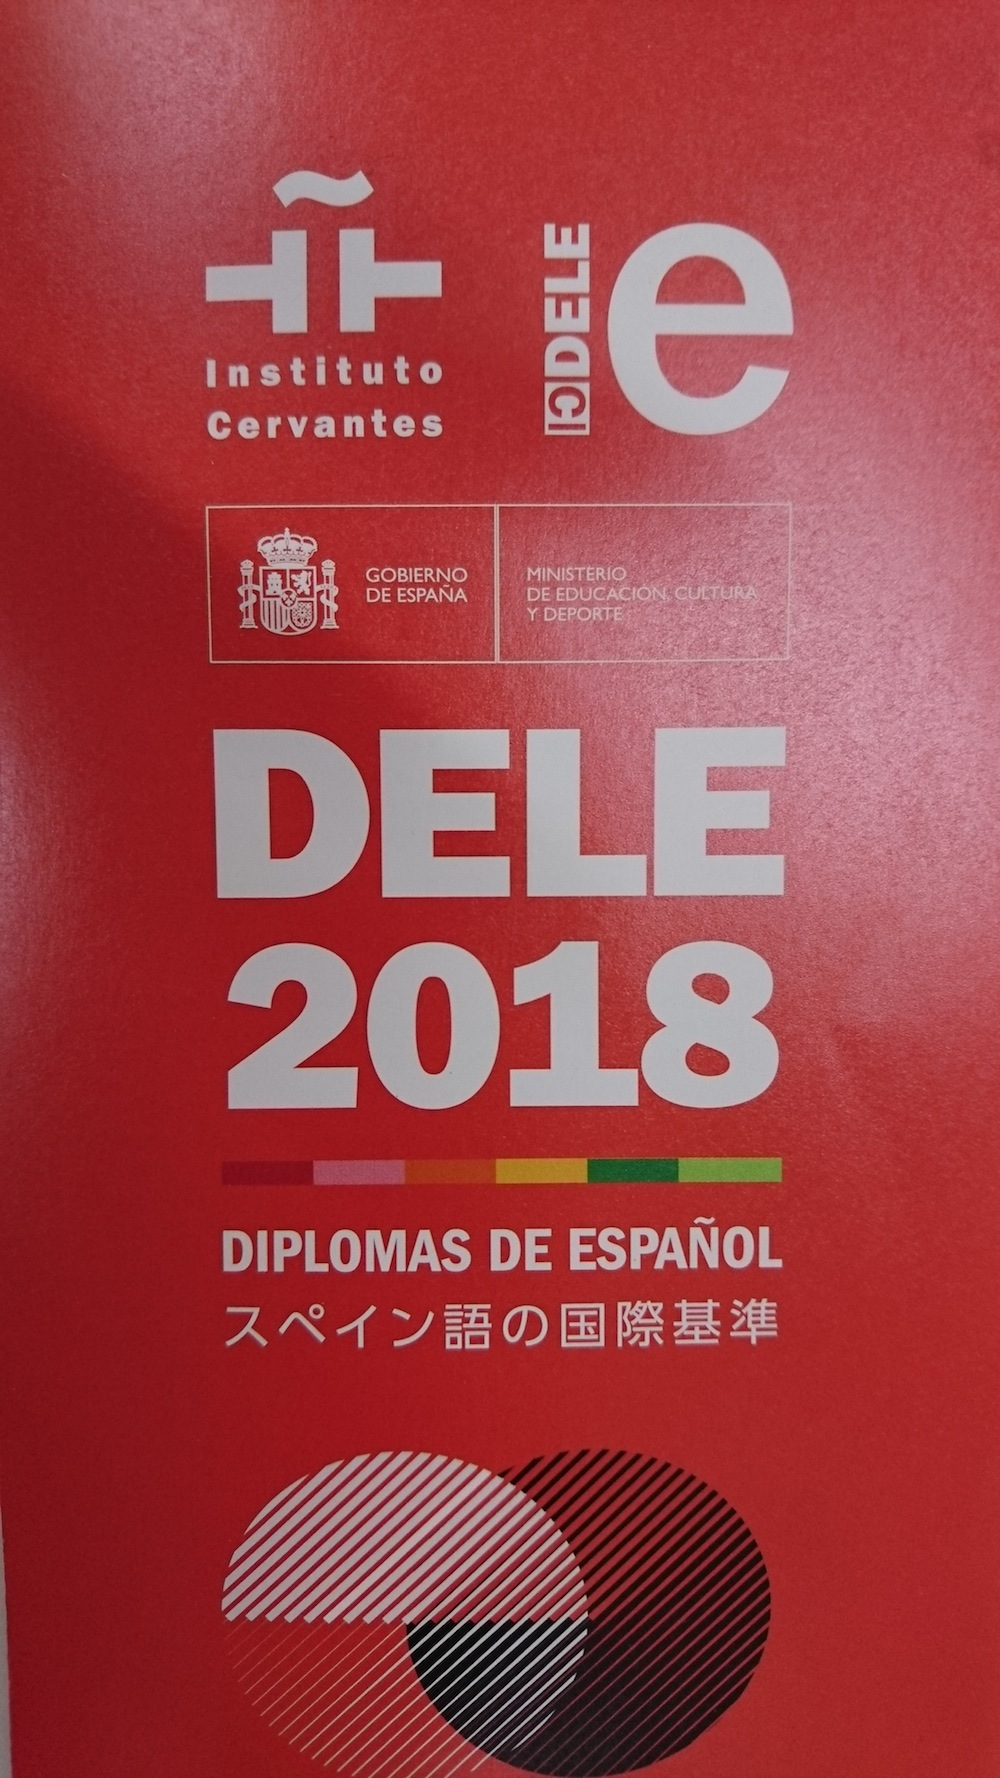 スペイン語教室アデランテのDELE対策レッスンで万全対策を!